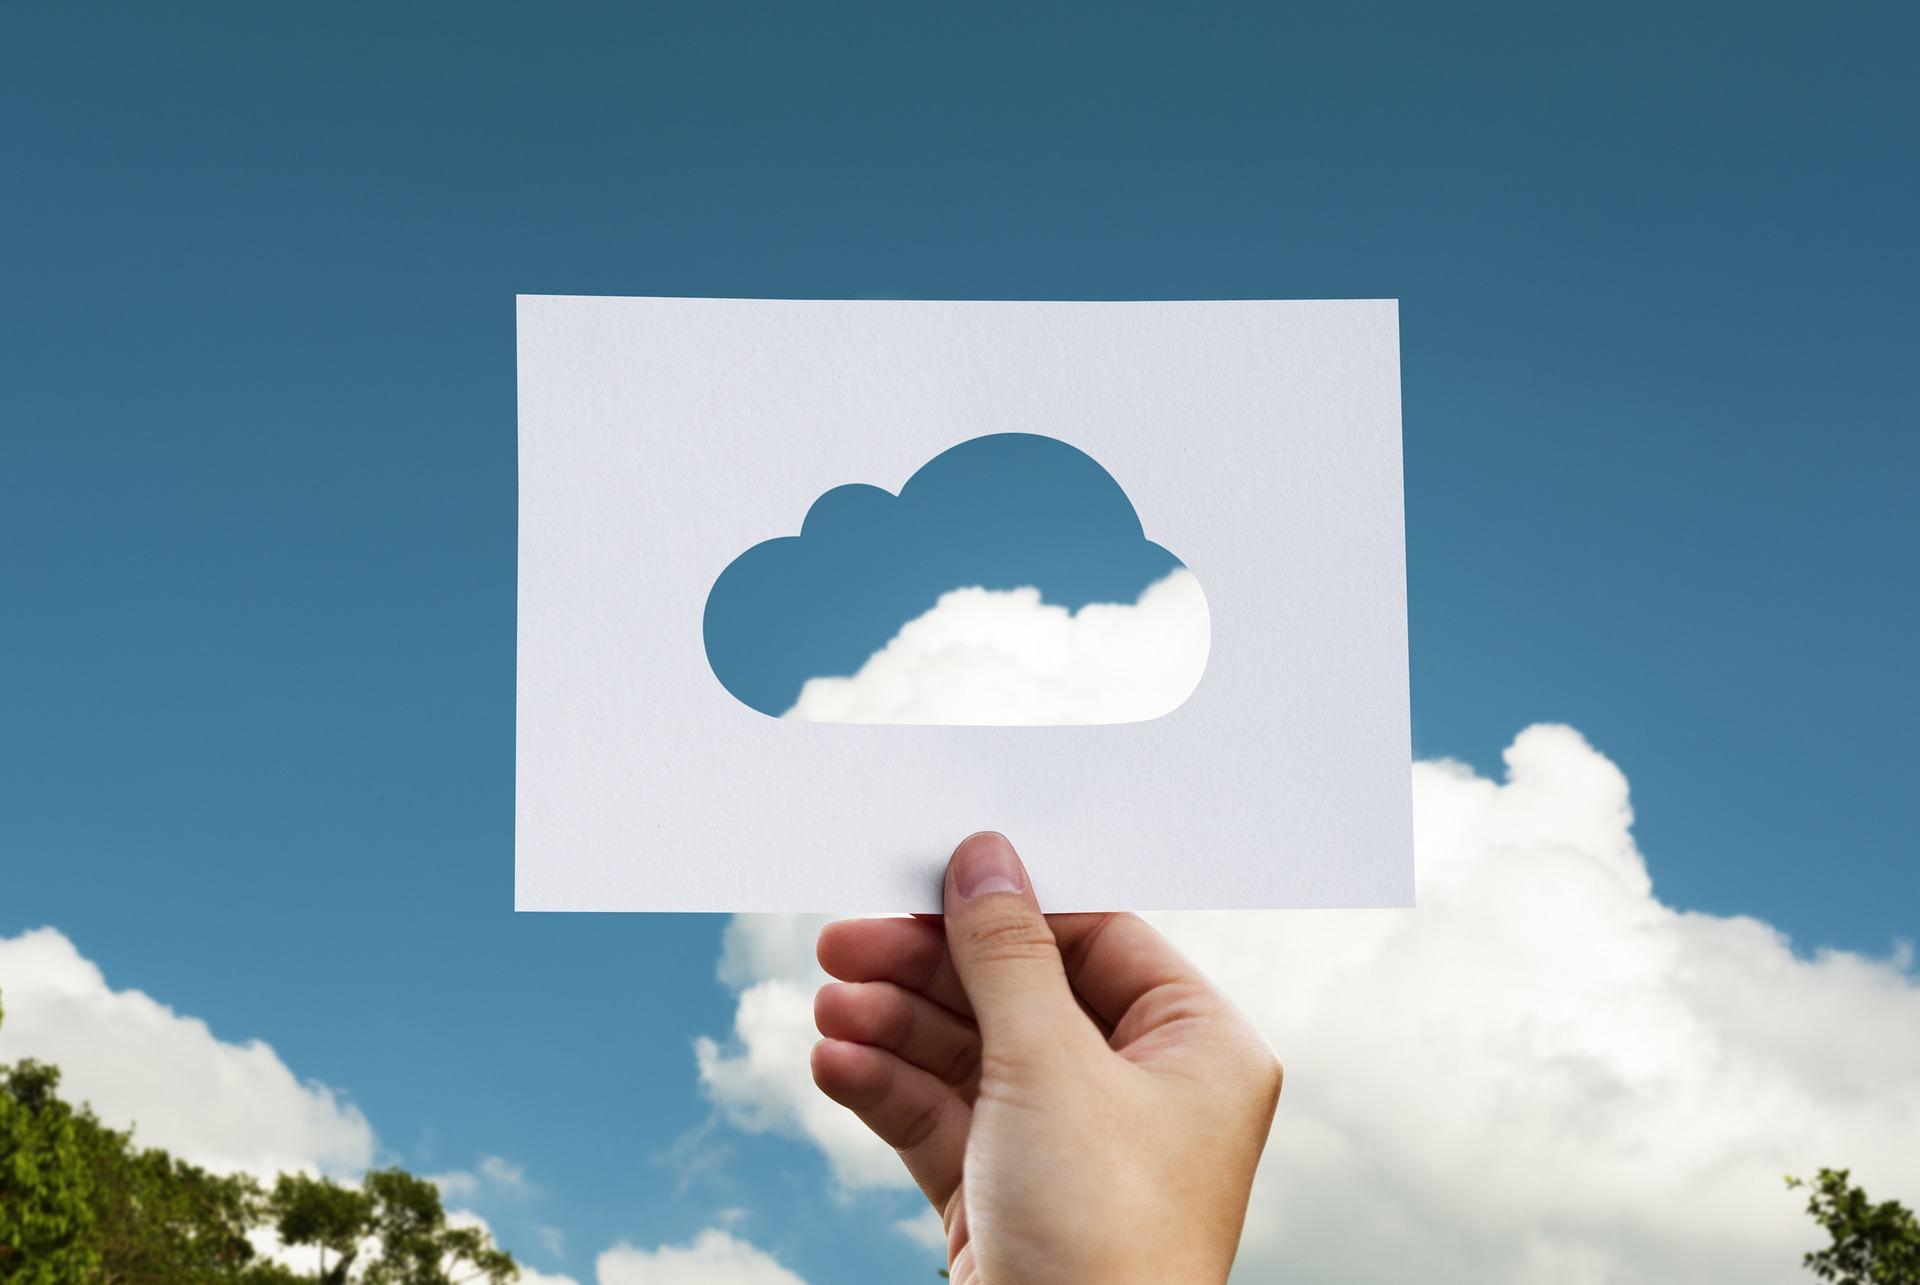 cloud-2104829_1920